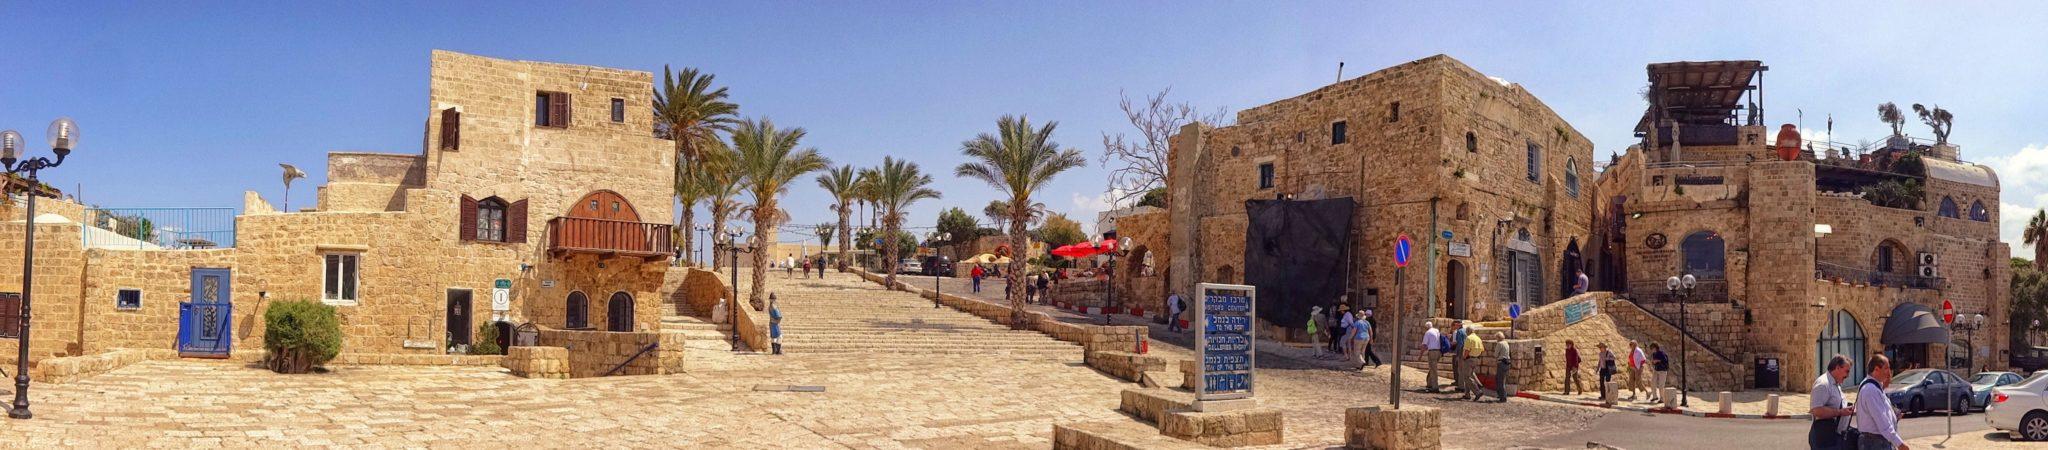 Stara Jaffa Tel Awiw Izrael Stare miasto